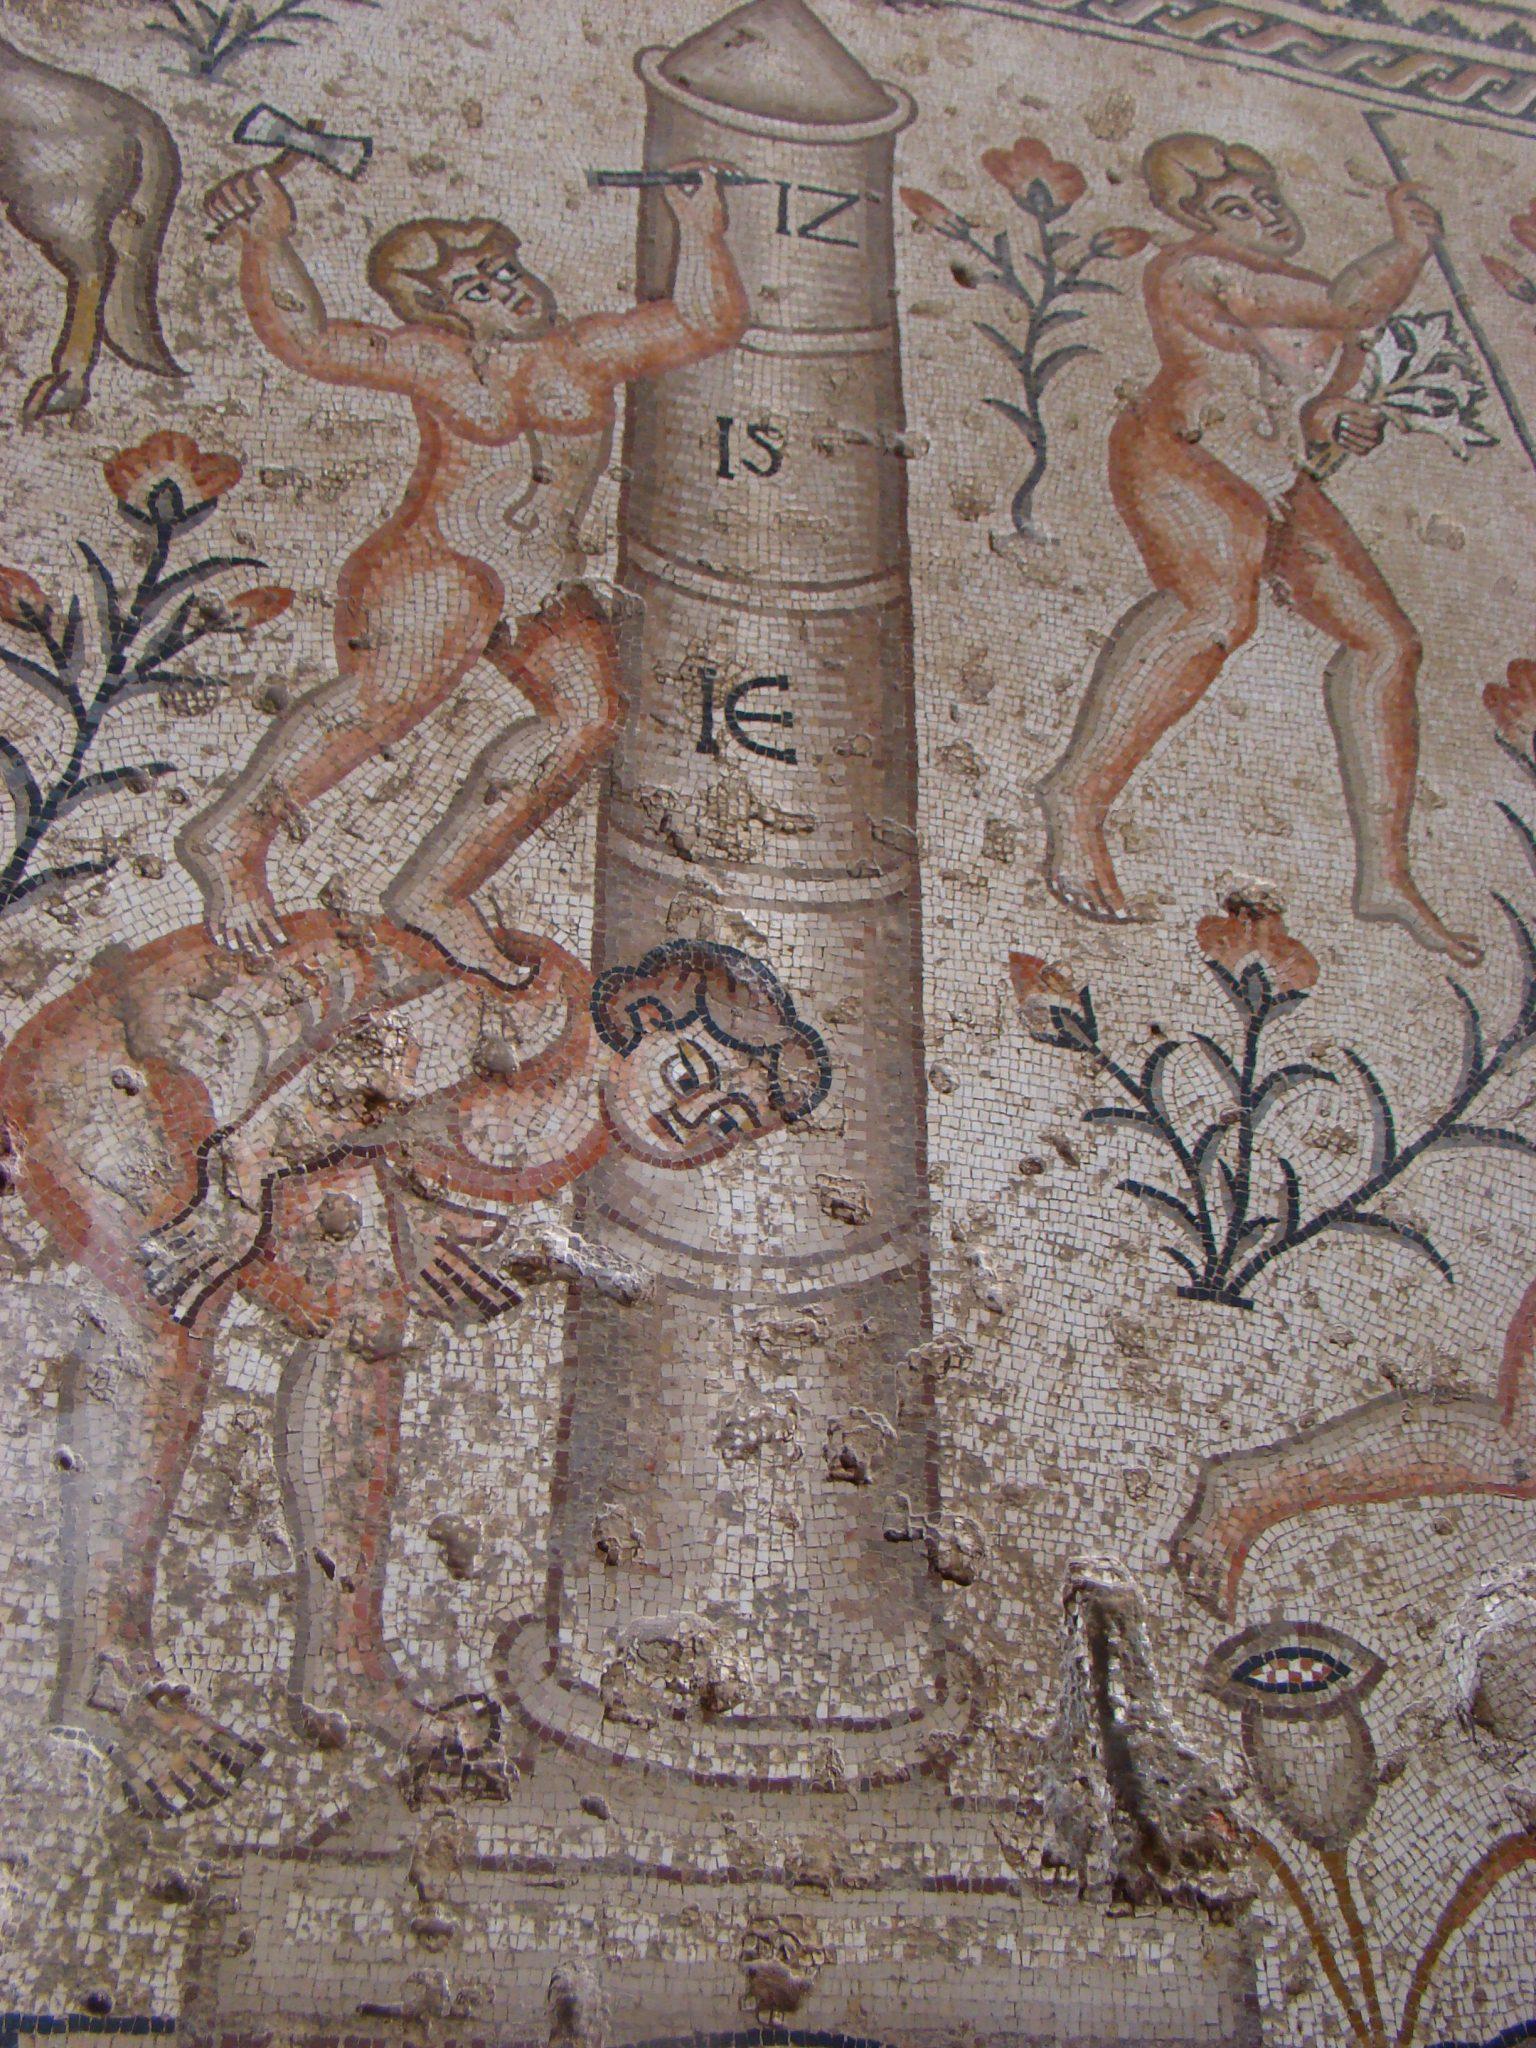 """נילומטר בפסיפס בית חג הנילוס בגן לאומי ציפורי (צילום: ד""""ר ענת אביטל)"""